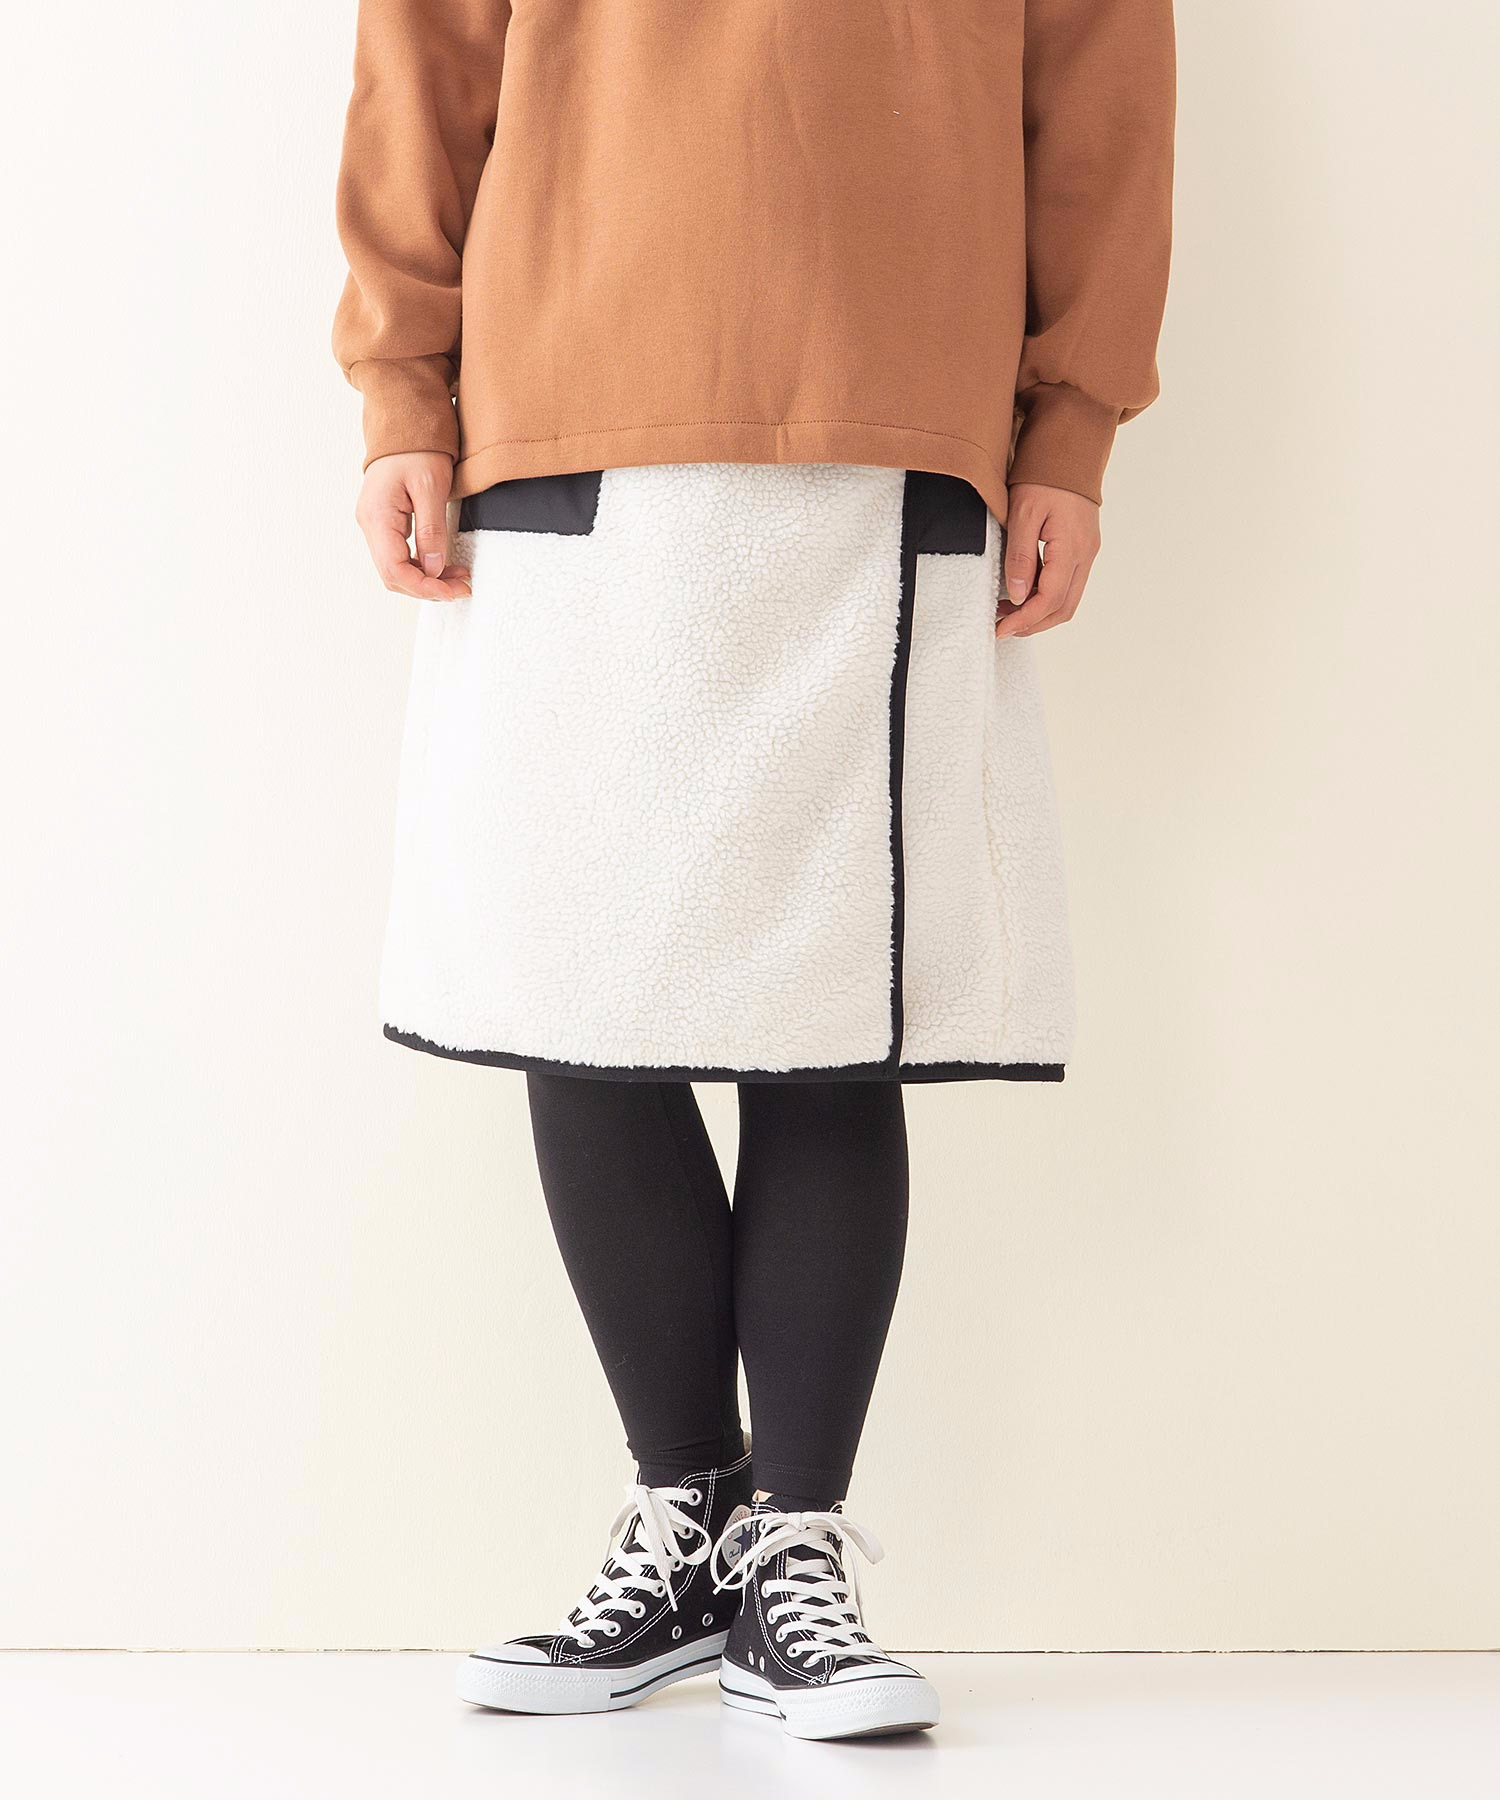 ボアリバーシブルスカート 裏側フリース素材 リバーシブル仕様